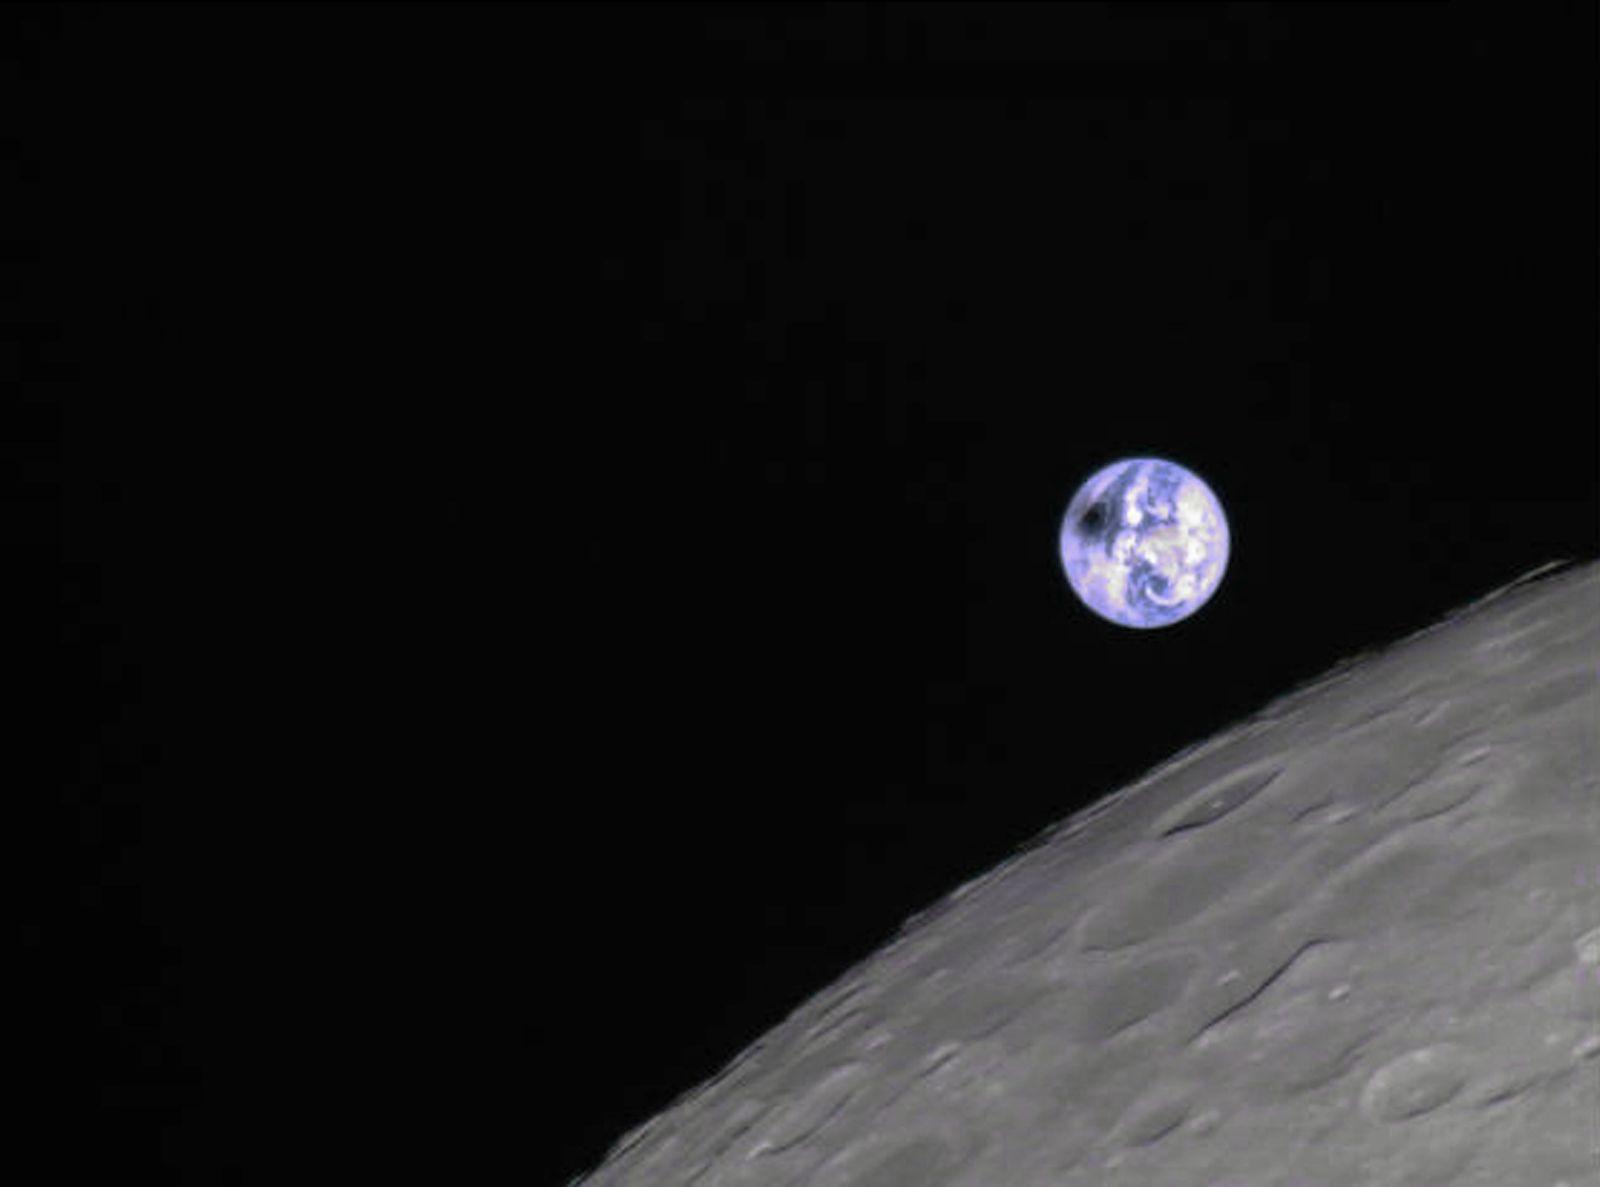 Sonnenfinsternis-Foto aus Mondperspektive